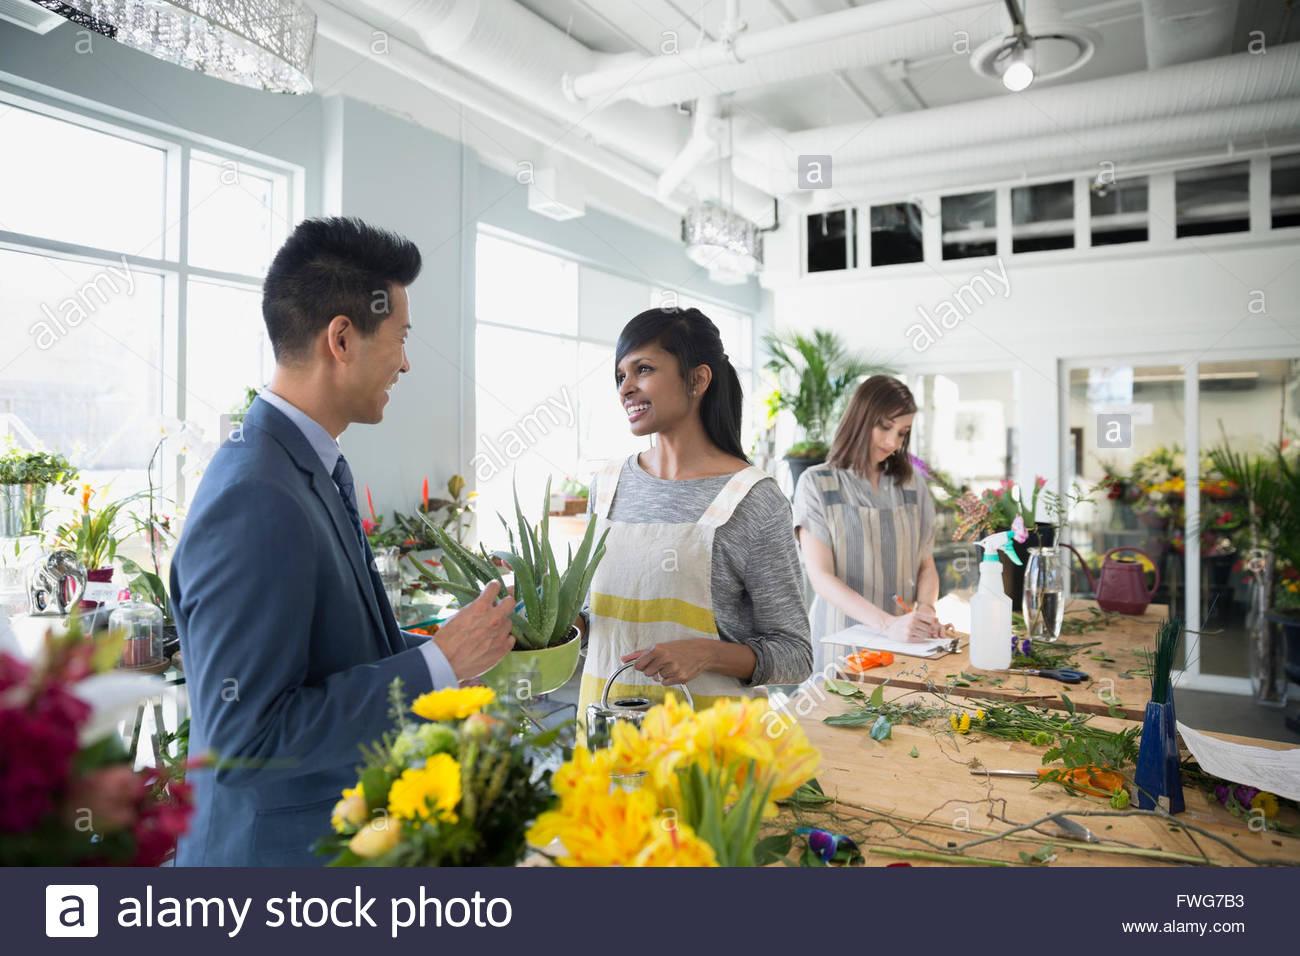 Fioraio aiutando il cliente nel negozio di fiori Immagini Stock